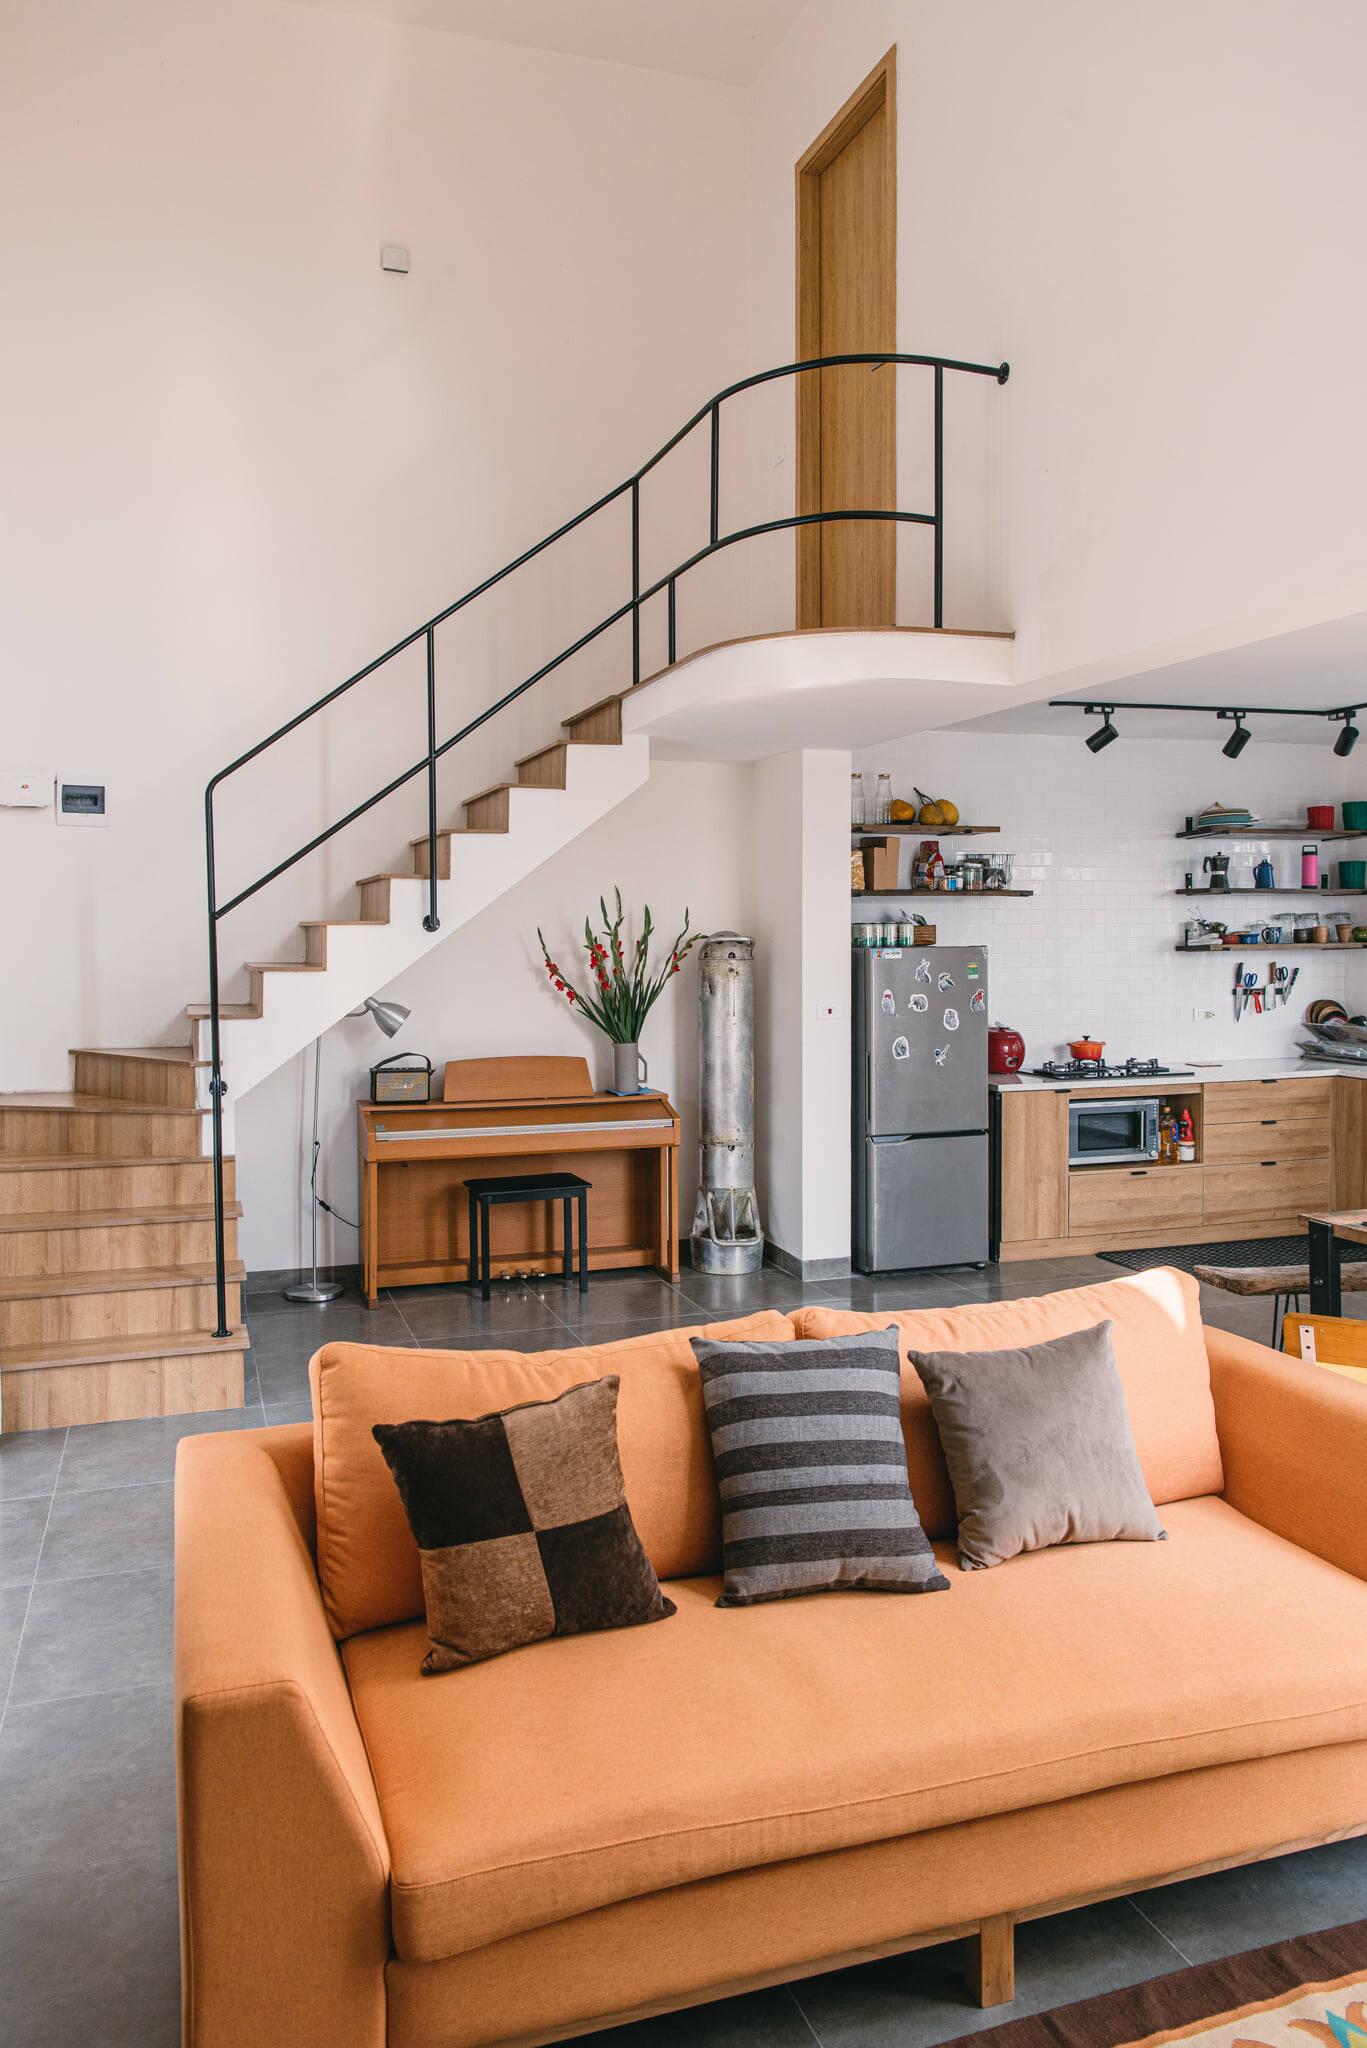 Sofa màu cam nổi bật, đủ rộng để hai vợ chồng nằm xem phim mỗi tối...